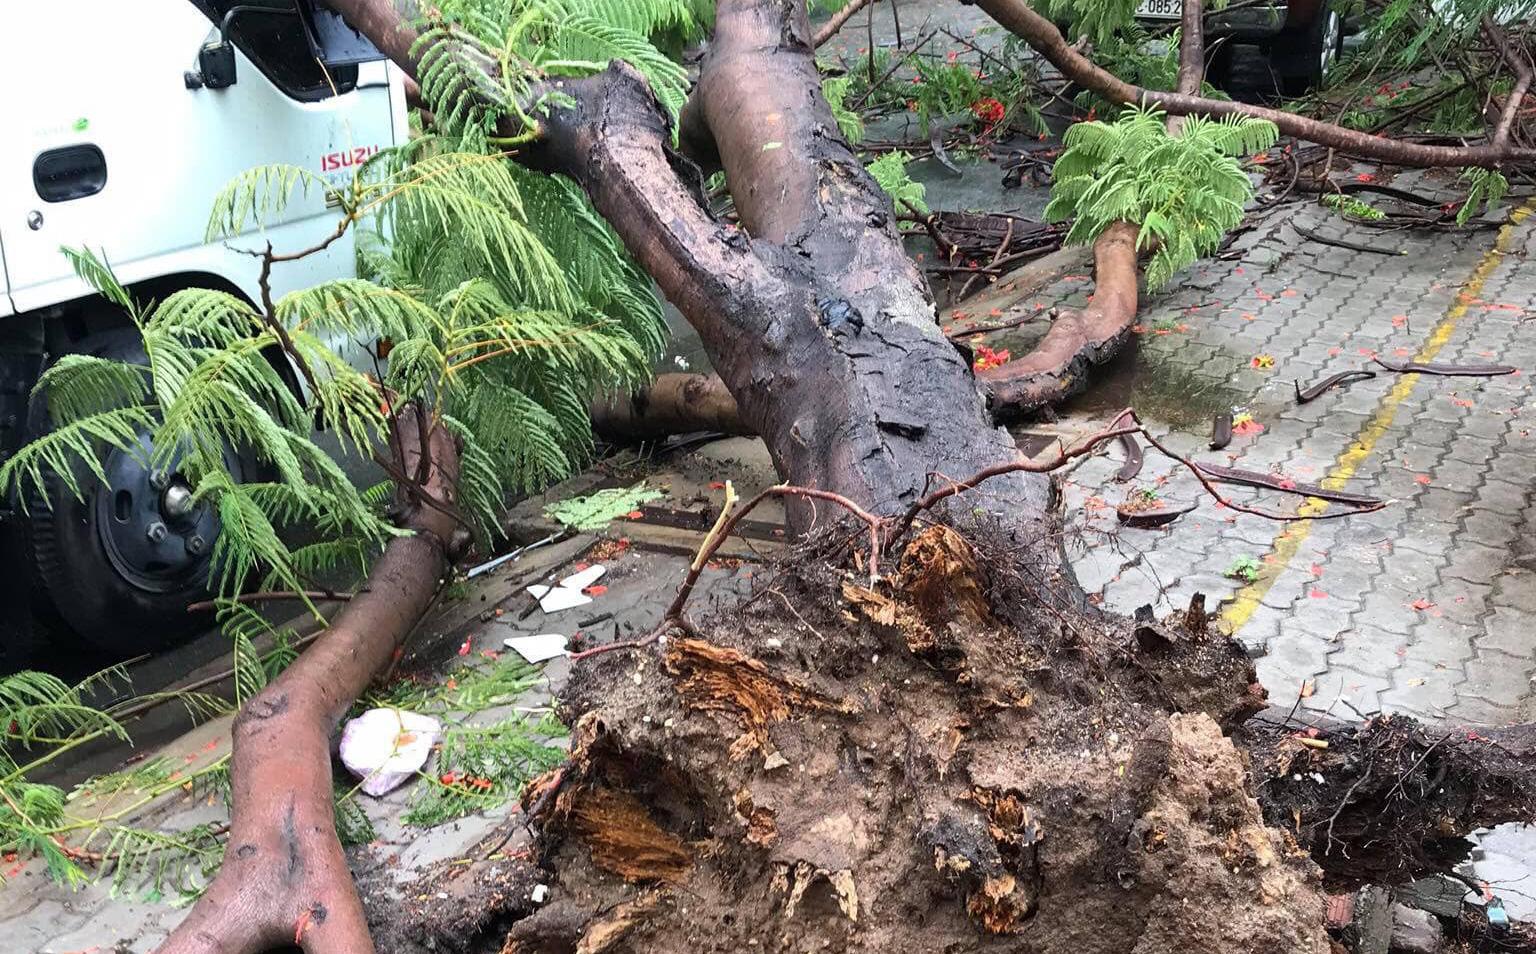 TP.HCM: Phượng vĩ lại bật gốc, đè xe tải sau trận mưa lớn kéo dài 30 phút